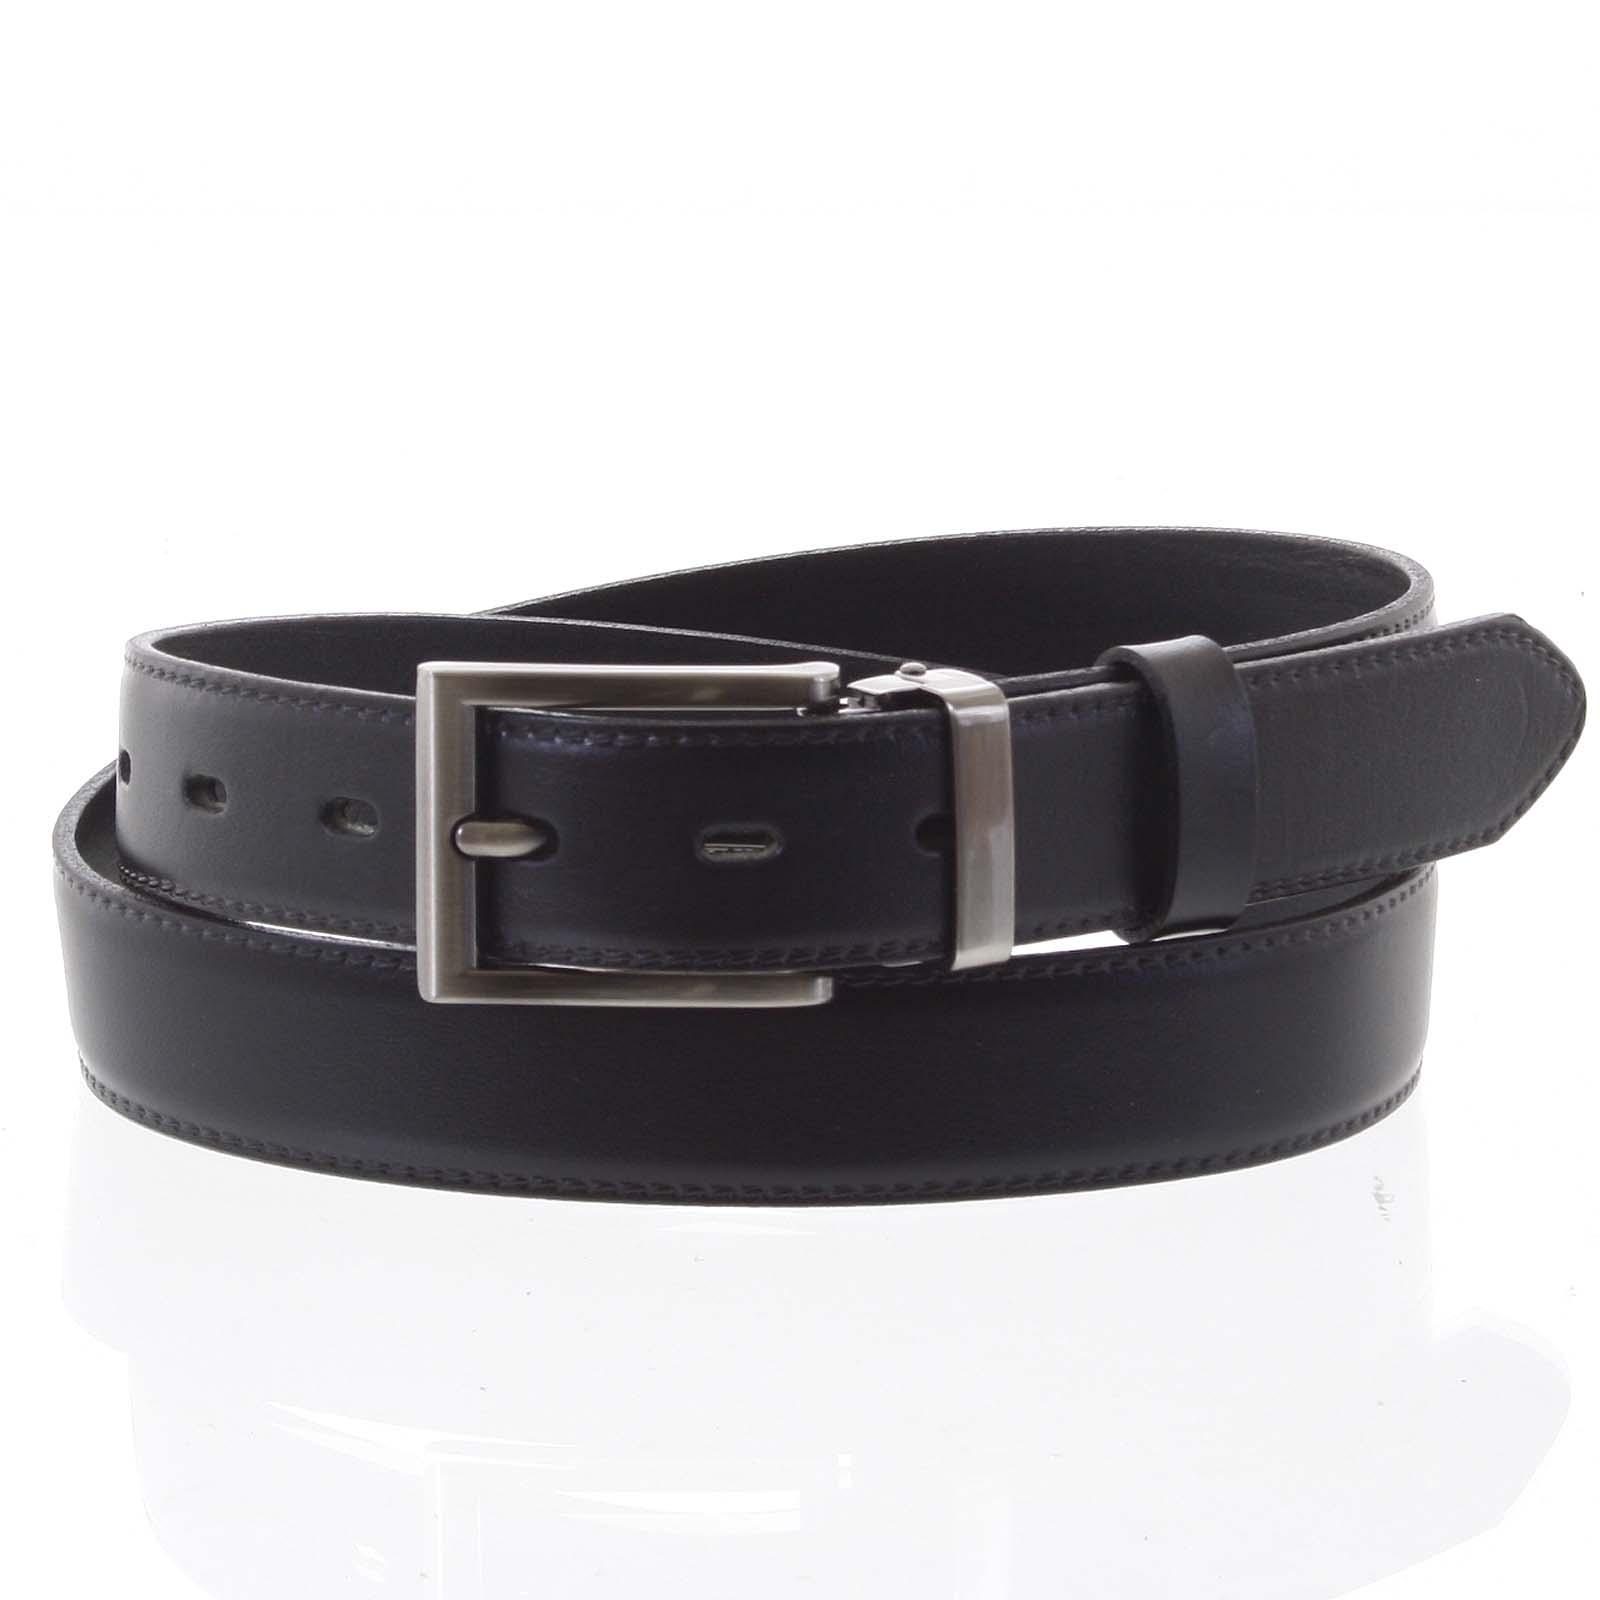 Pánsky kožený opasok oblekový čierny - PB Labim 115